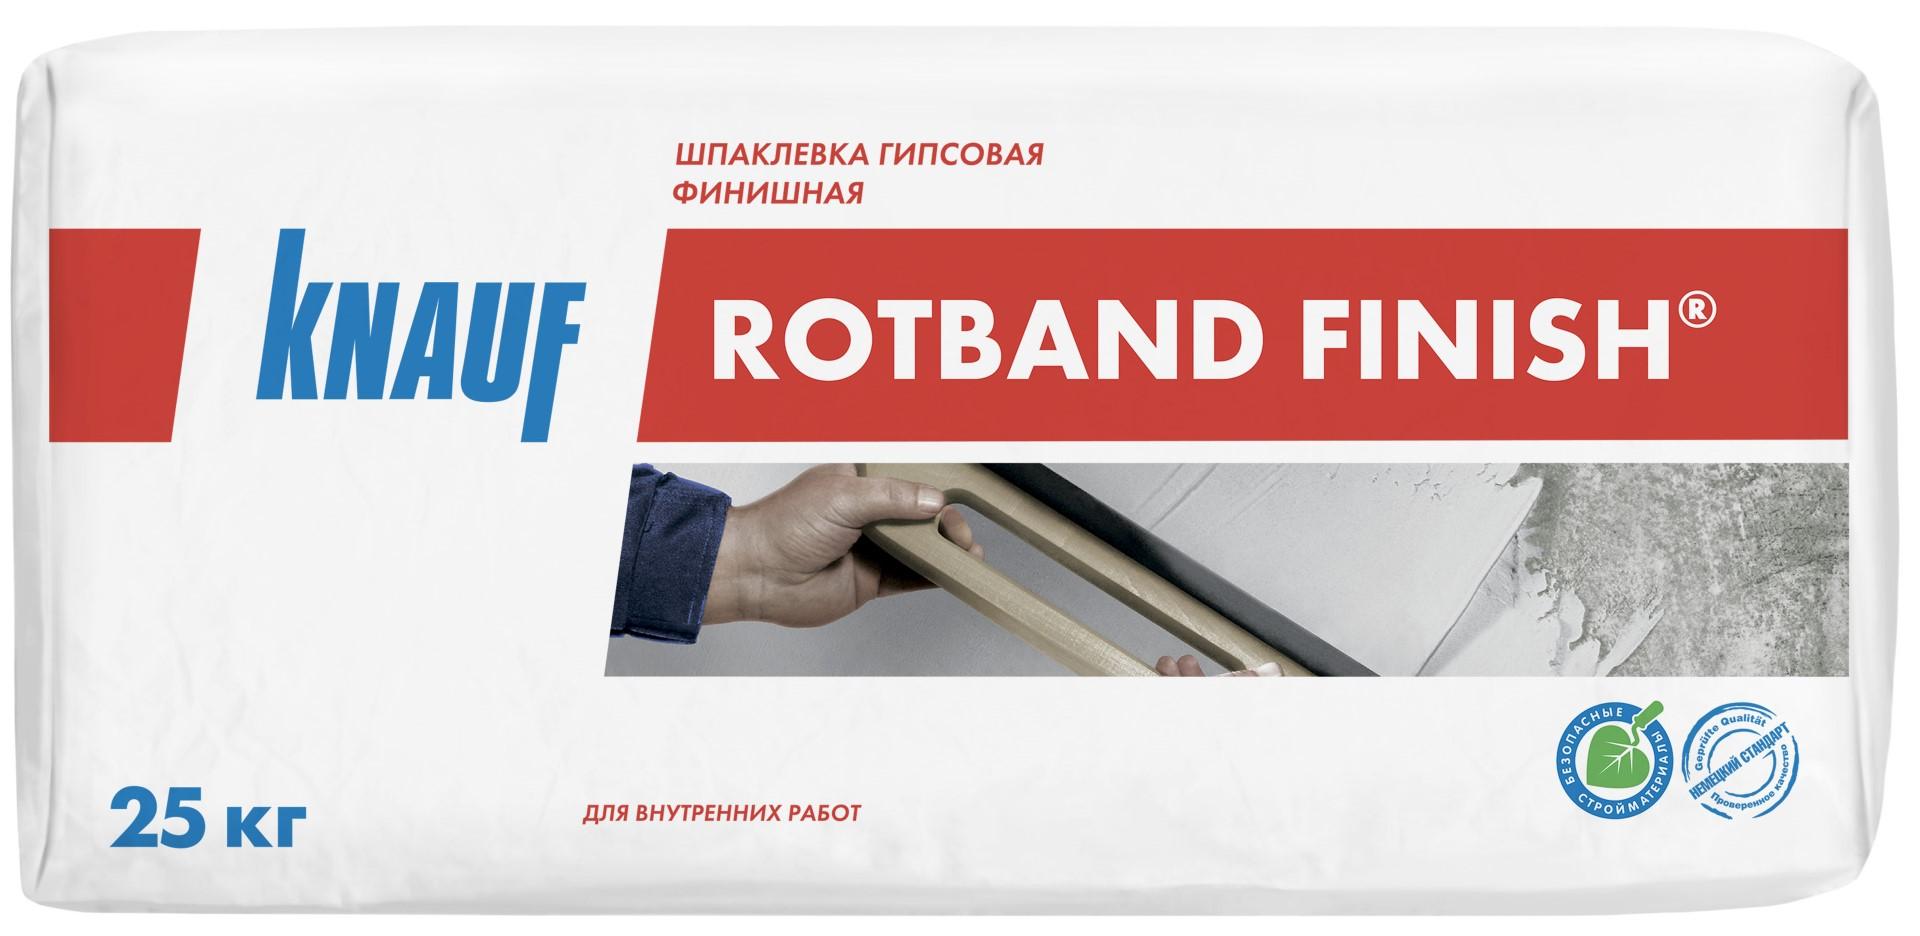 Купить Шпатлевка гипсовая Knauf Ротбанд Финиш (белая), 25 кг — Фото №1